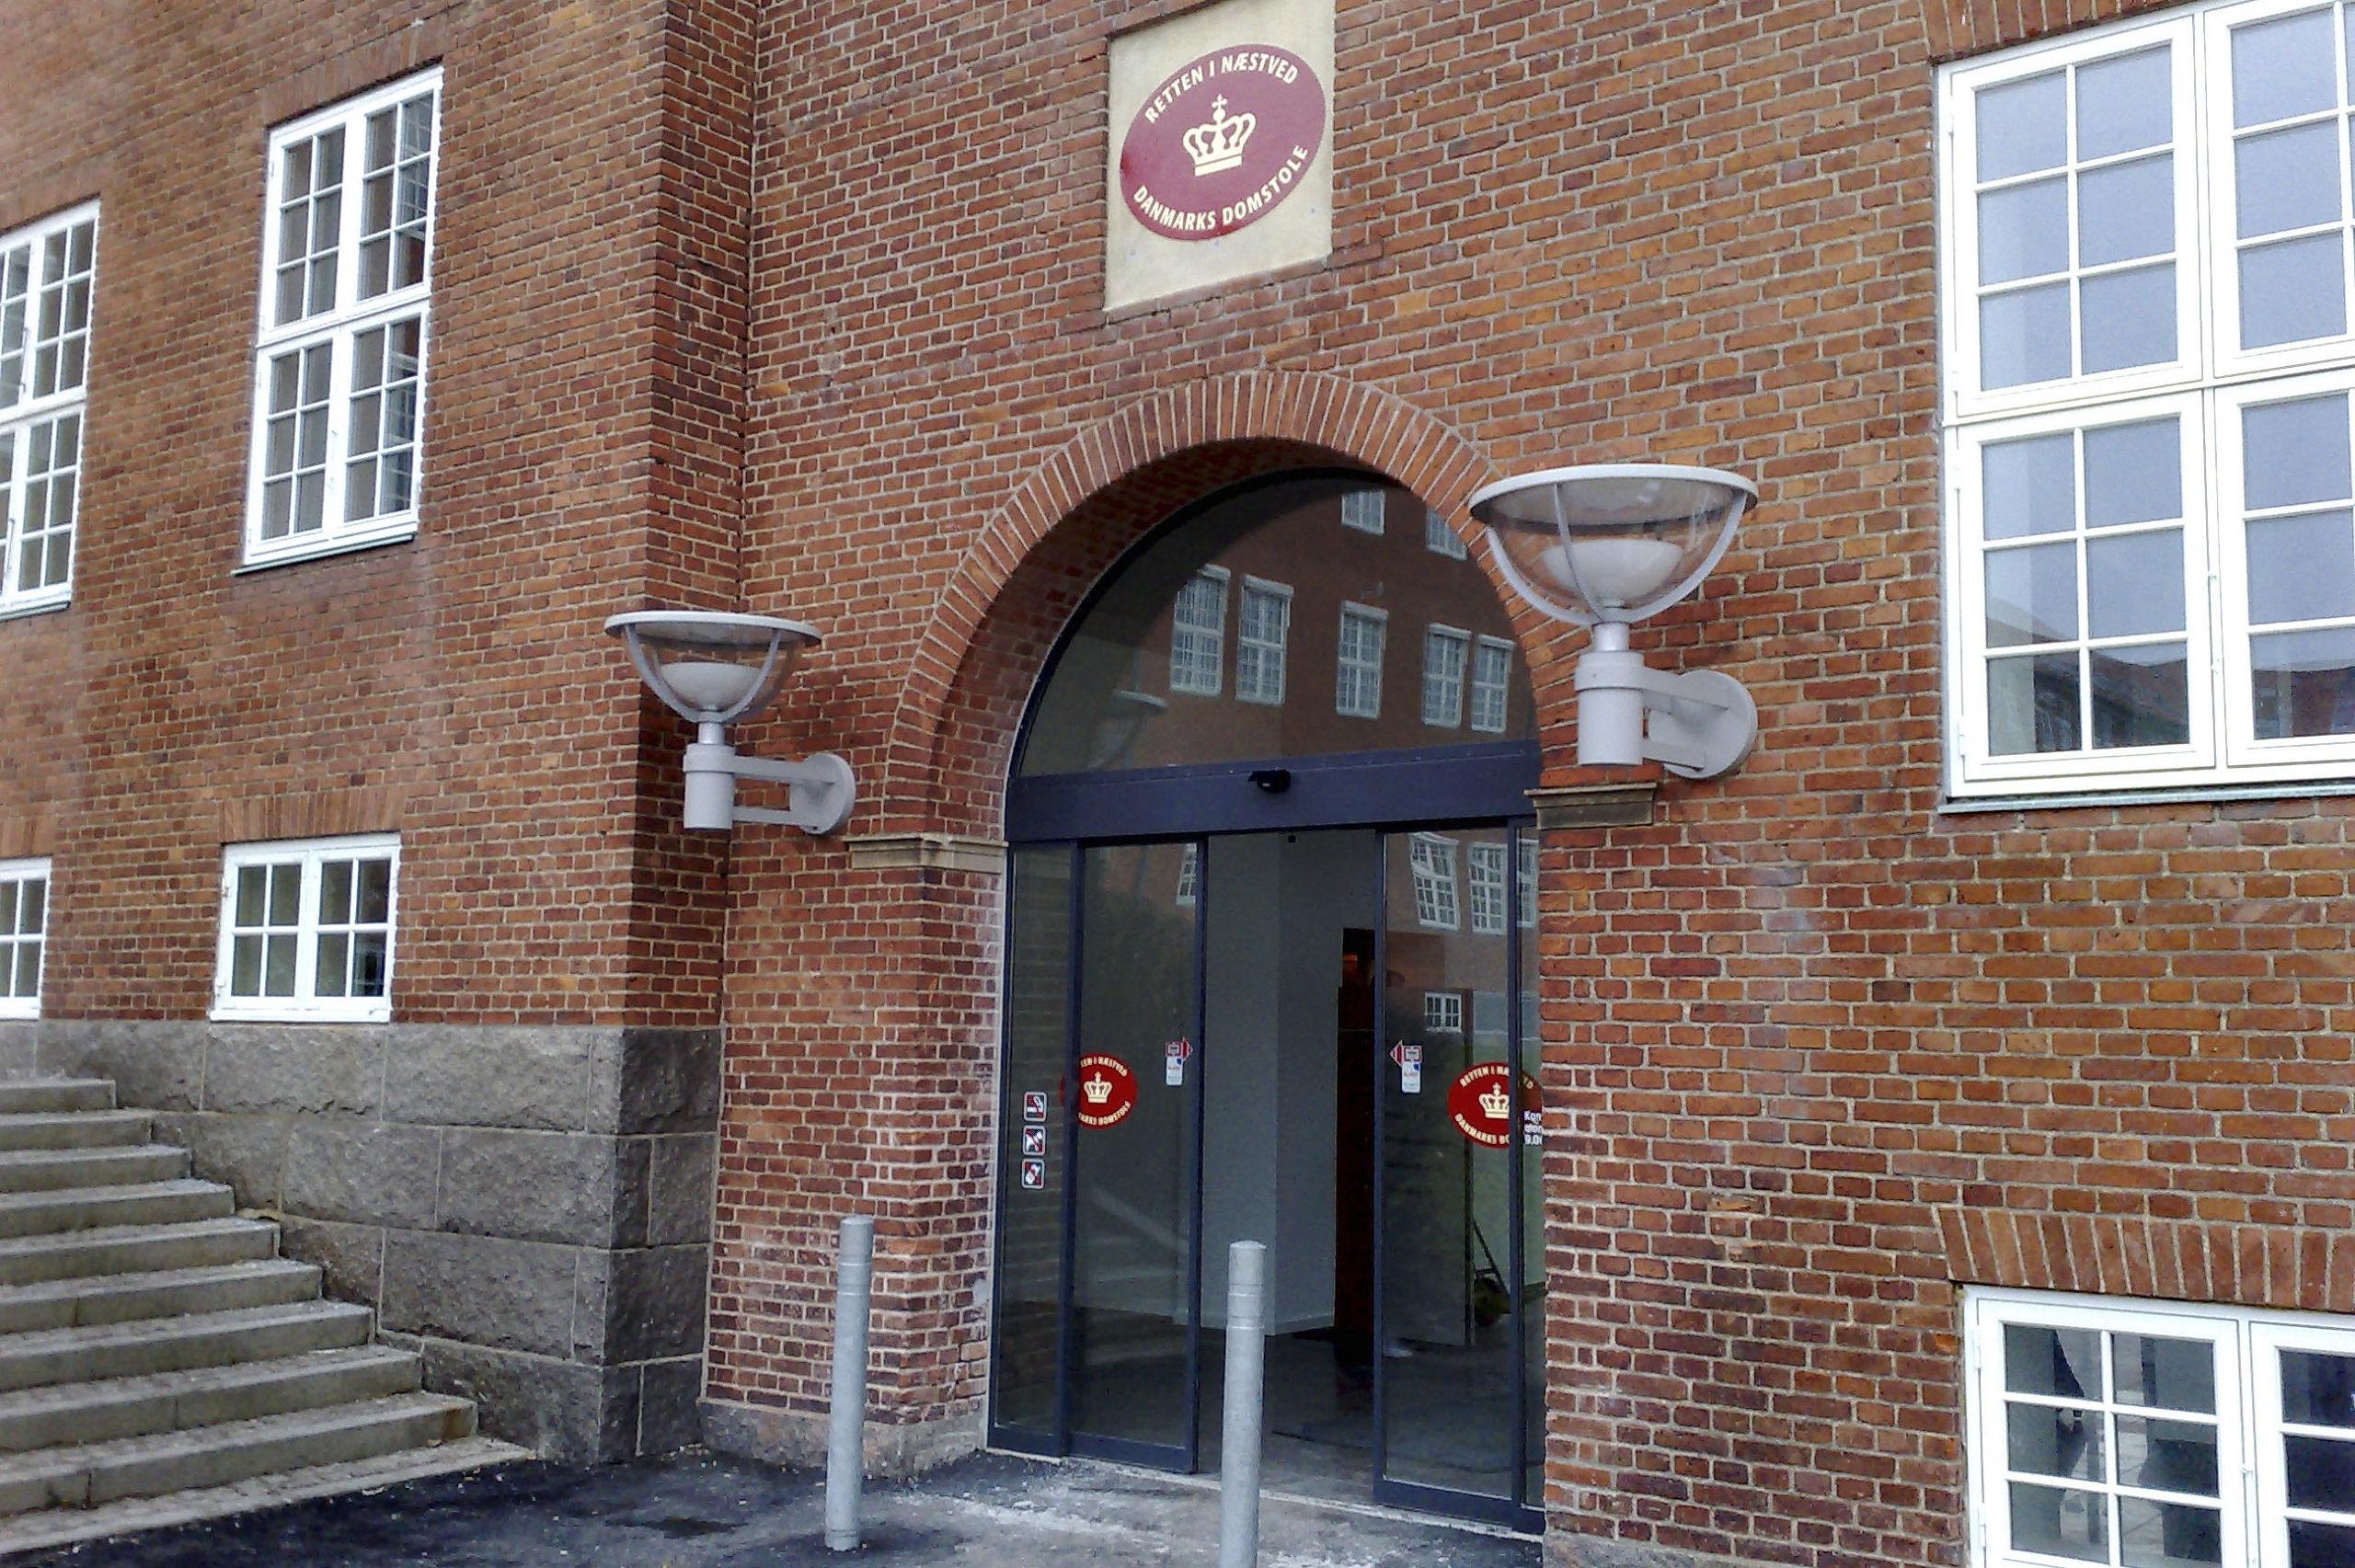 intim massage i nordjylland jeg søger en kvinde